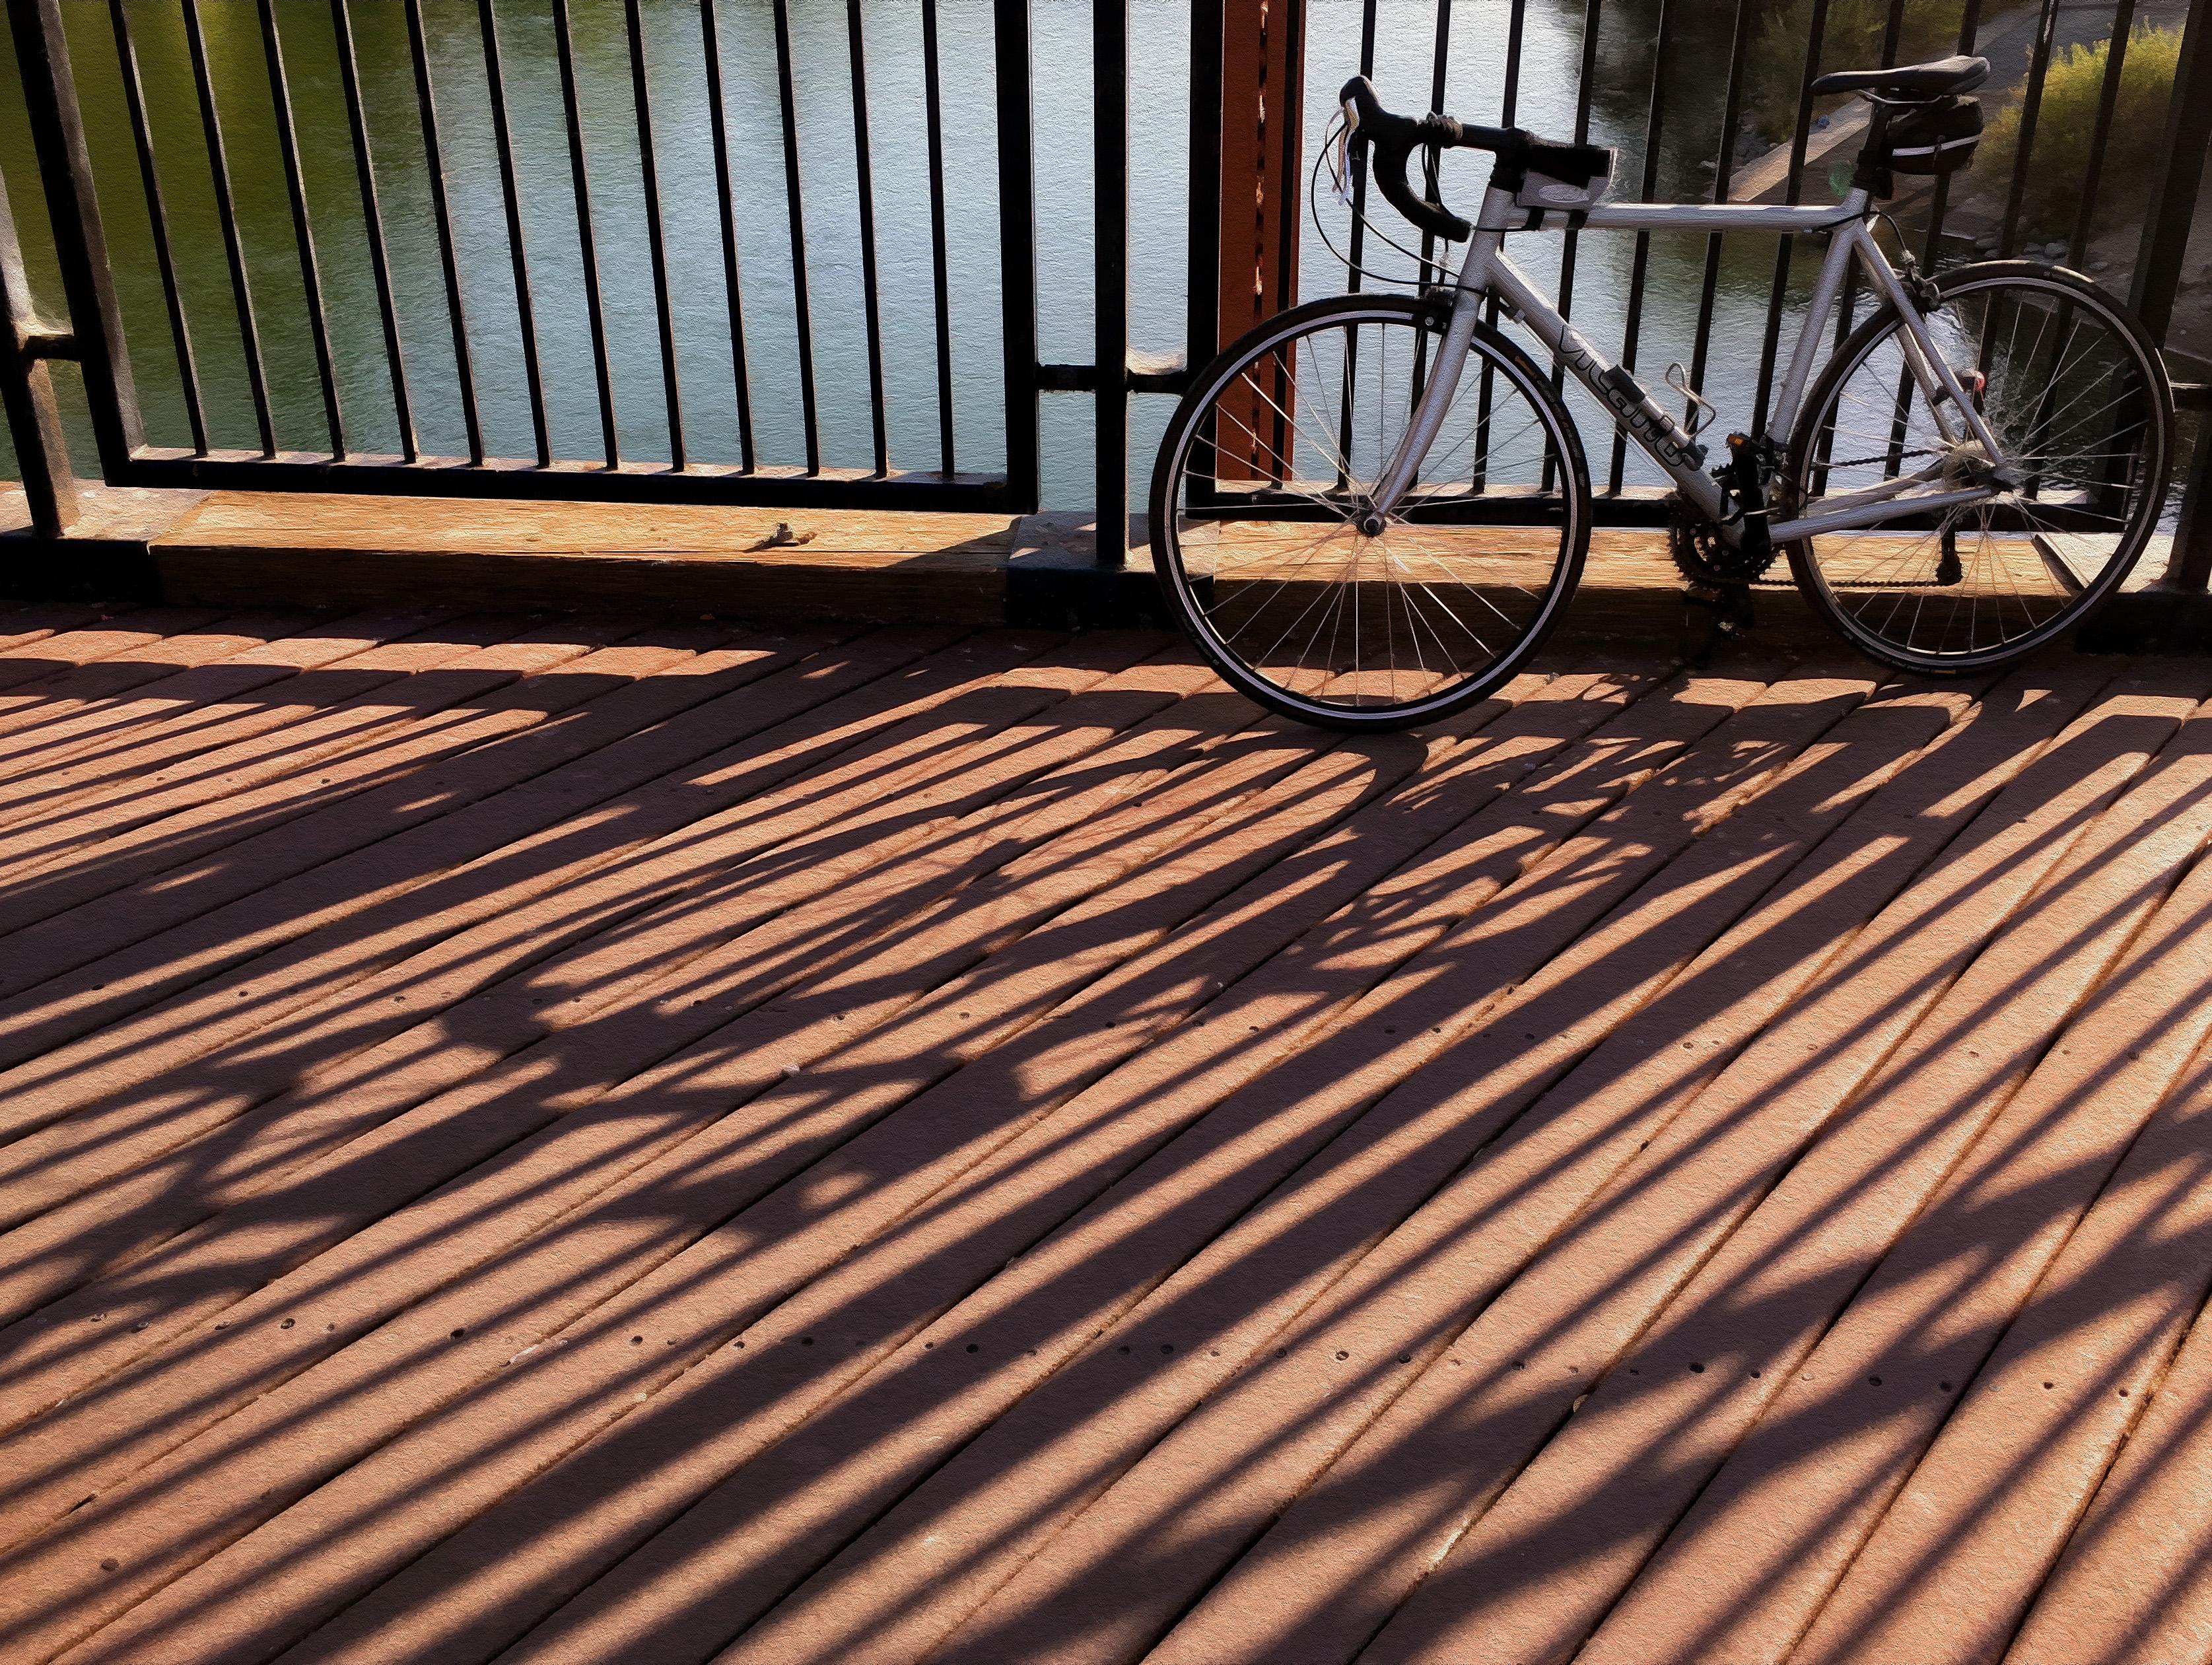 무료 이미지 : 갑판, 목재, 자전거, 아스팔트, 선, 견목, 아메리칸 ...